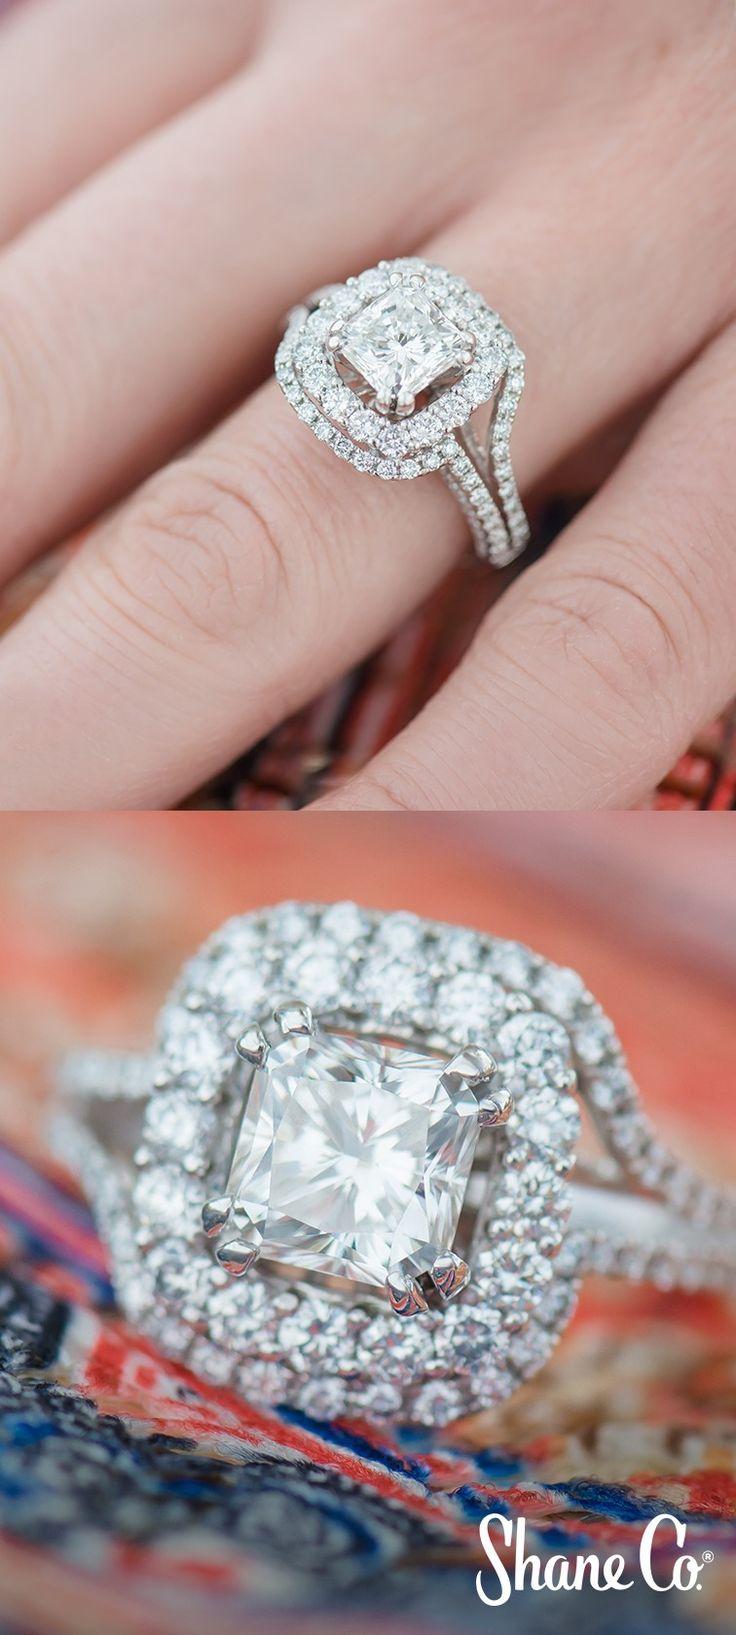 226 best Bridal images on Pinterest | Promise rings, Diamond rings ...